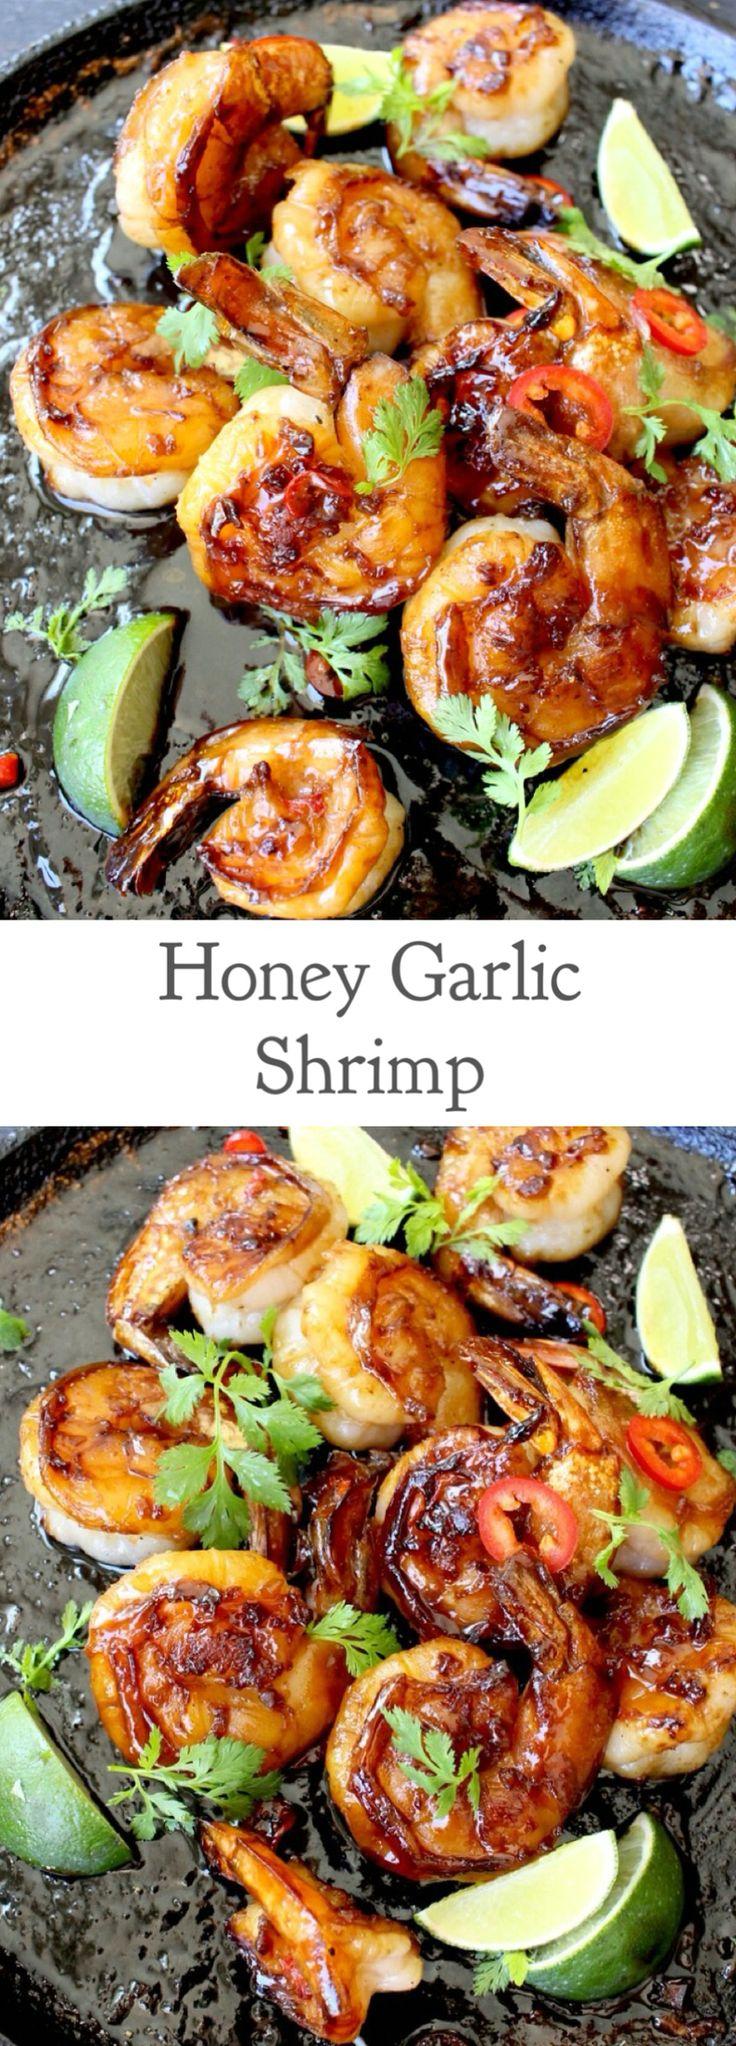 Honey Garlic Shrimp Recipe ( Easy) | CiaoFlorentina.com @CiaoFlorentina